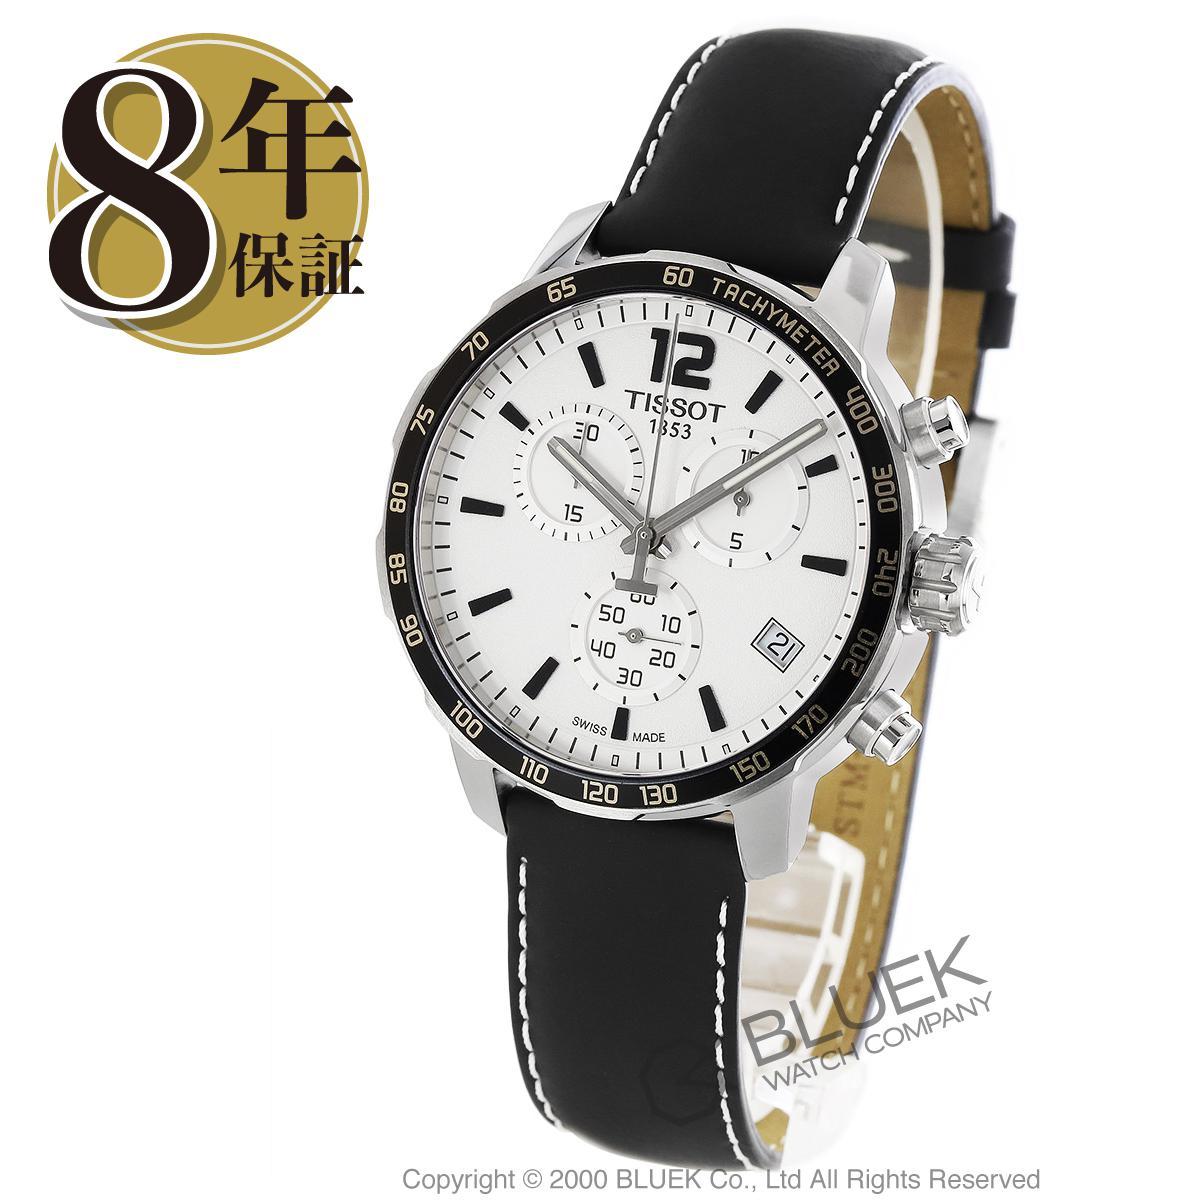 ティソ T-スポーツ クイックスター クロノグラフ 腕時計 メンズ TISSOT T095.417.16.037.00_8